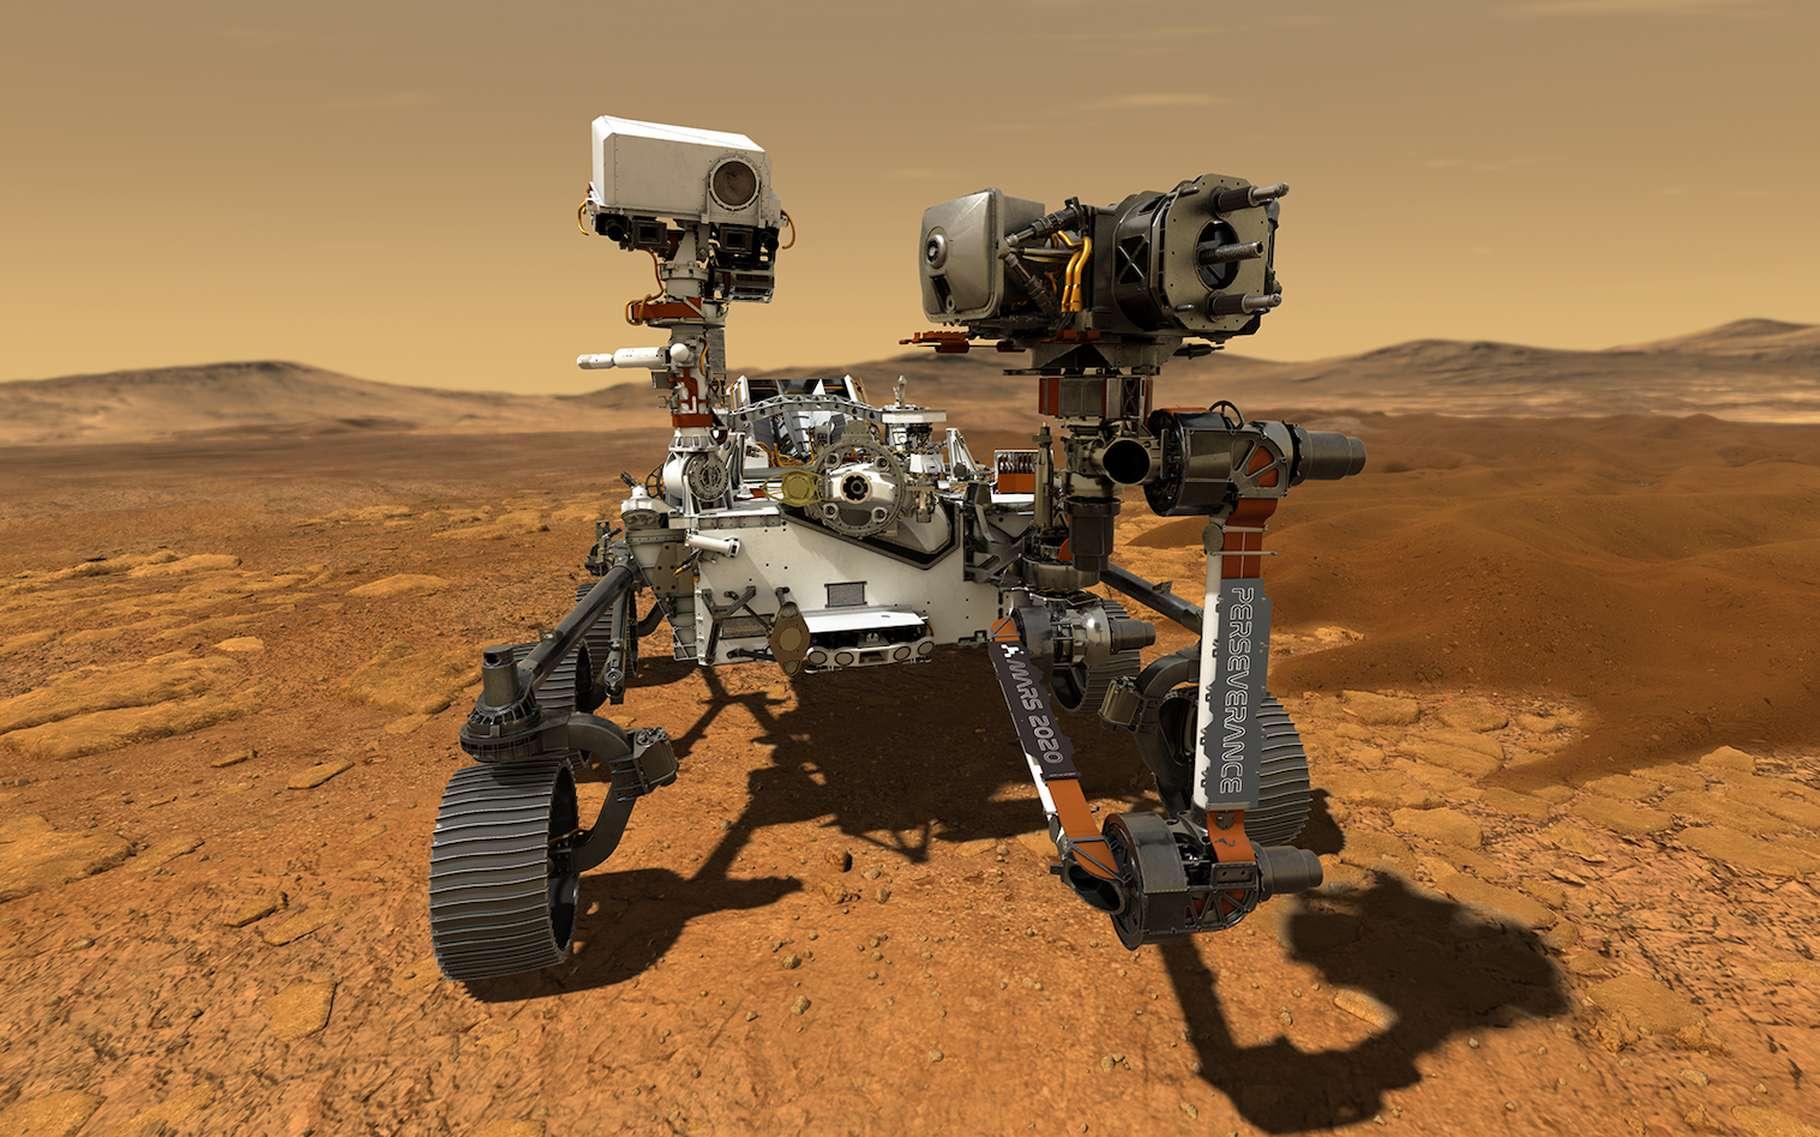 Vue d'artiste du rover Perseverance de la Nasa (Mars 2020). © Nasa, JPL-Caltech